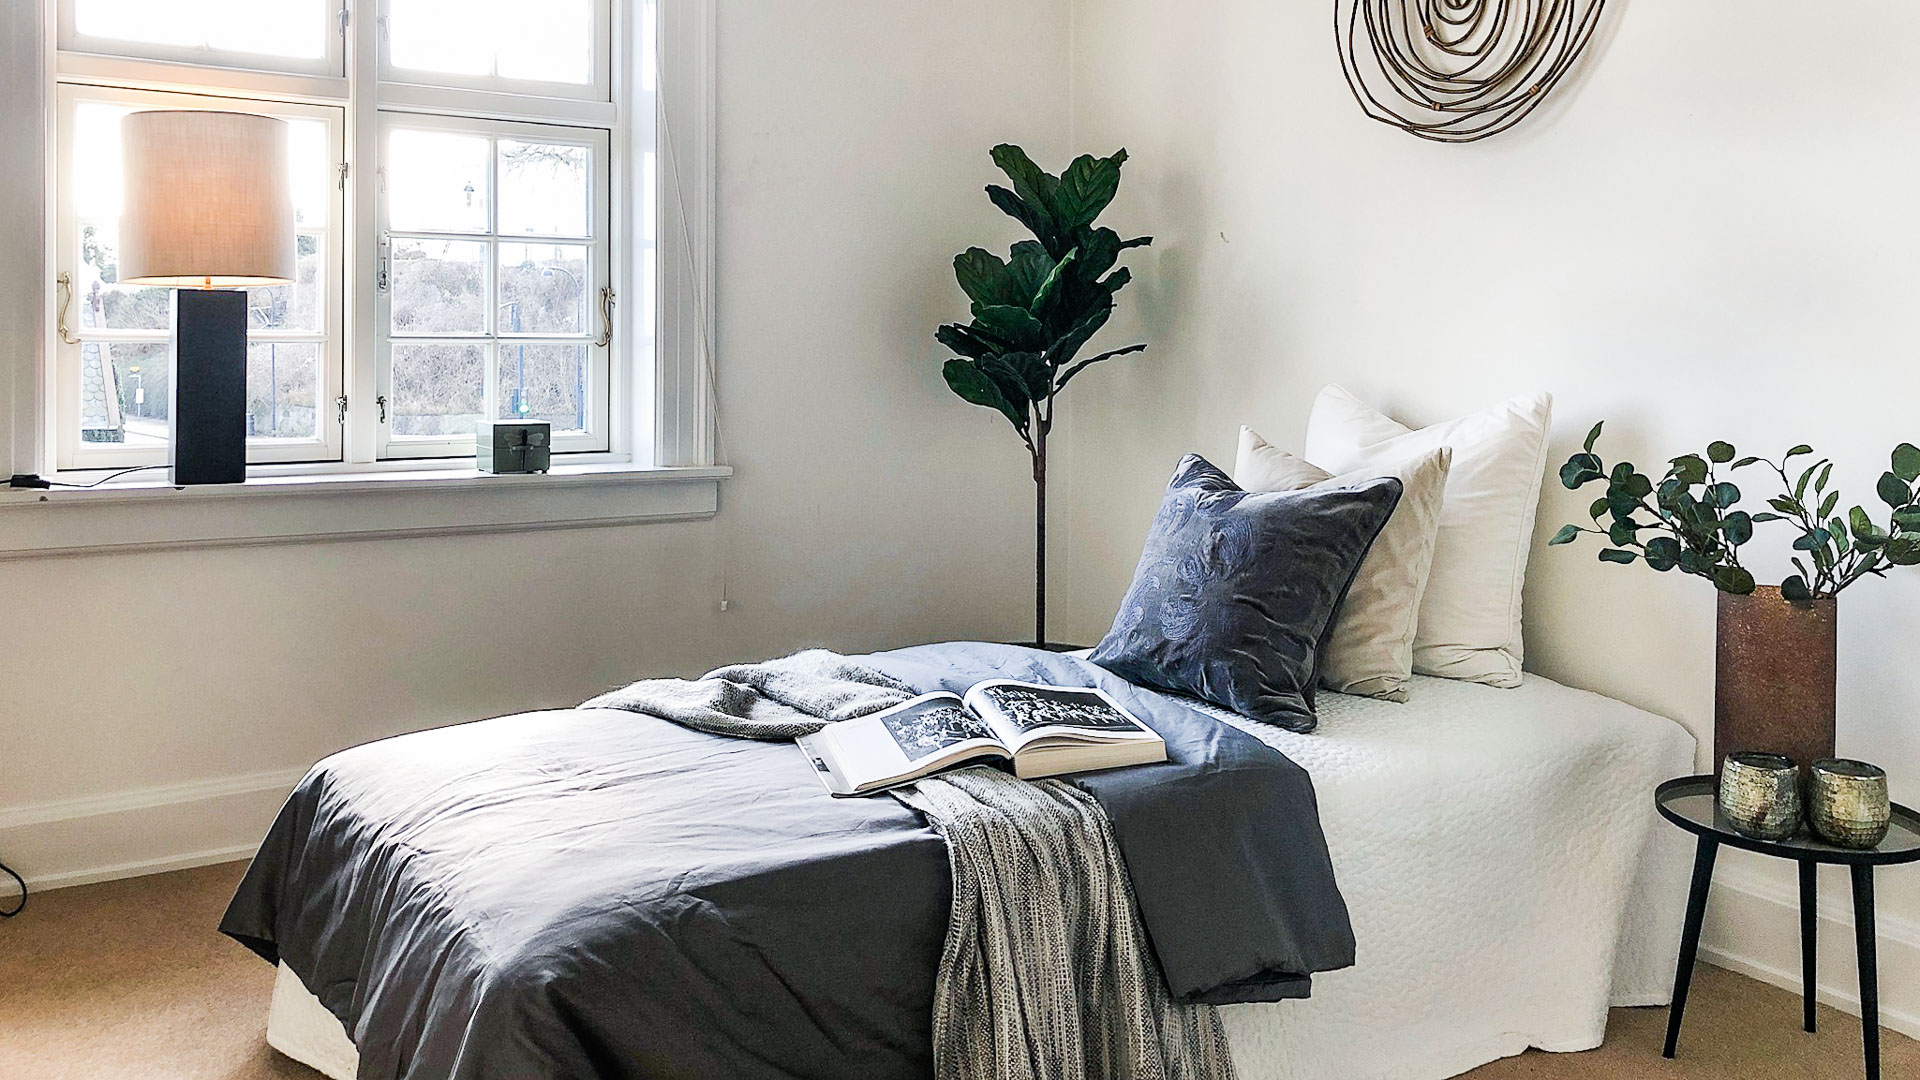 En dLux Styling fra InBoligStyling præsenterer den eksklusive bolig med et strejf af luksus.